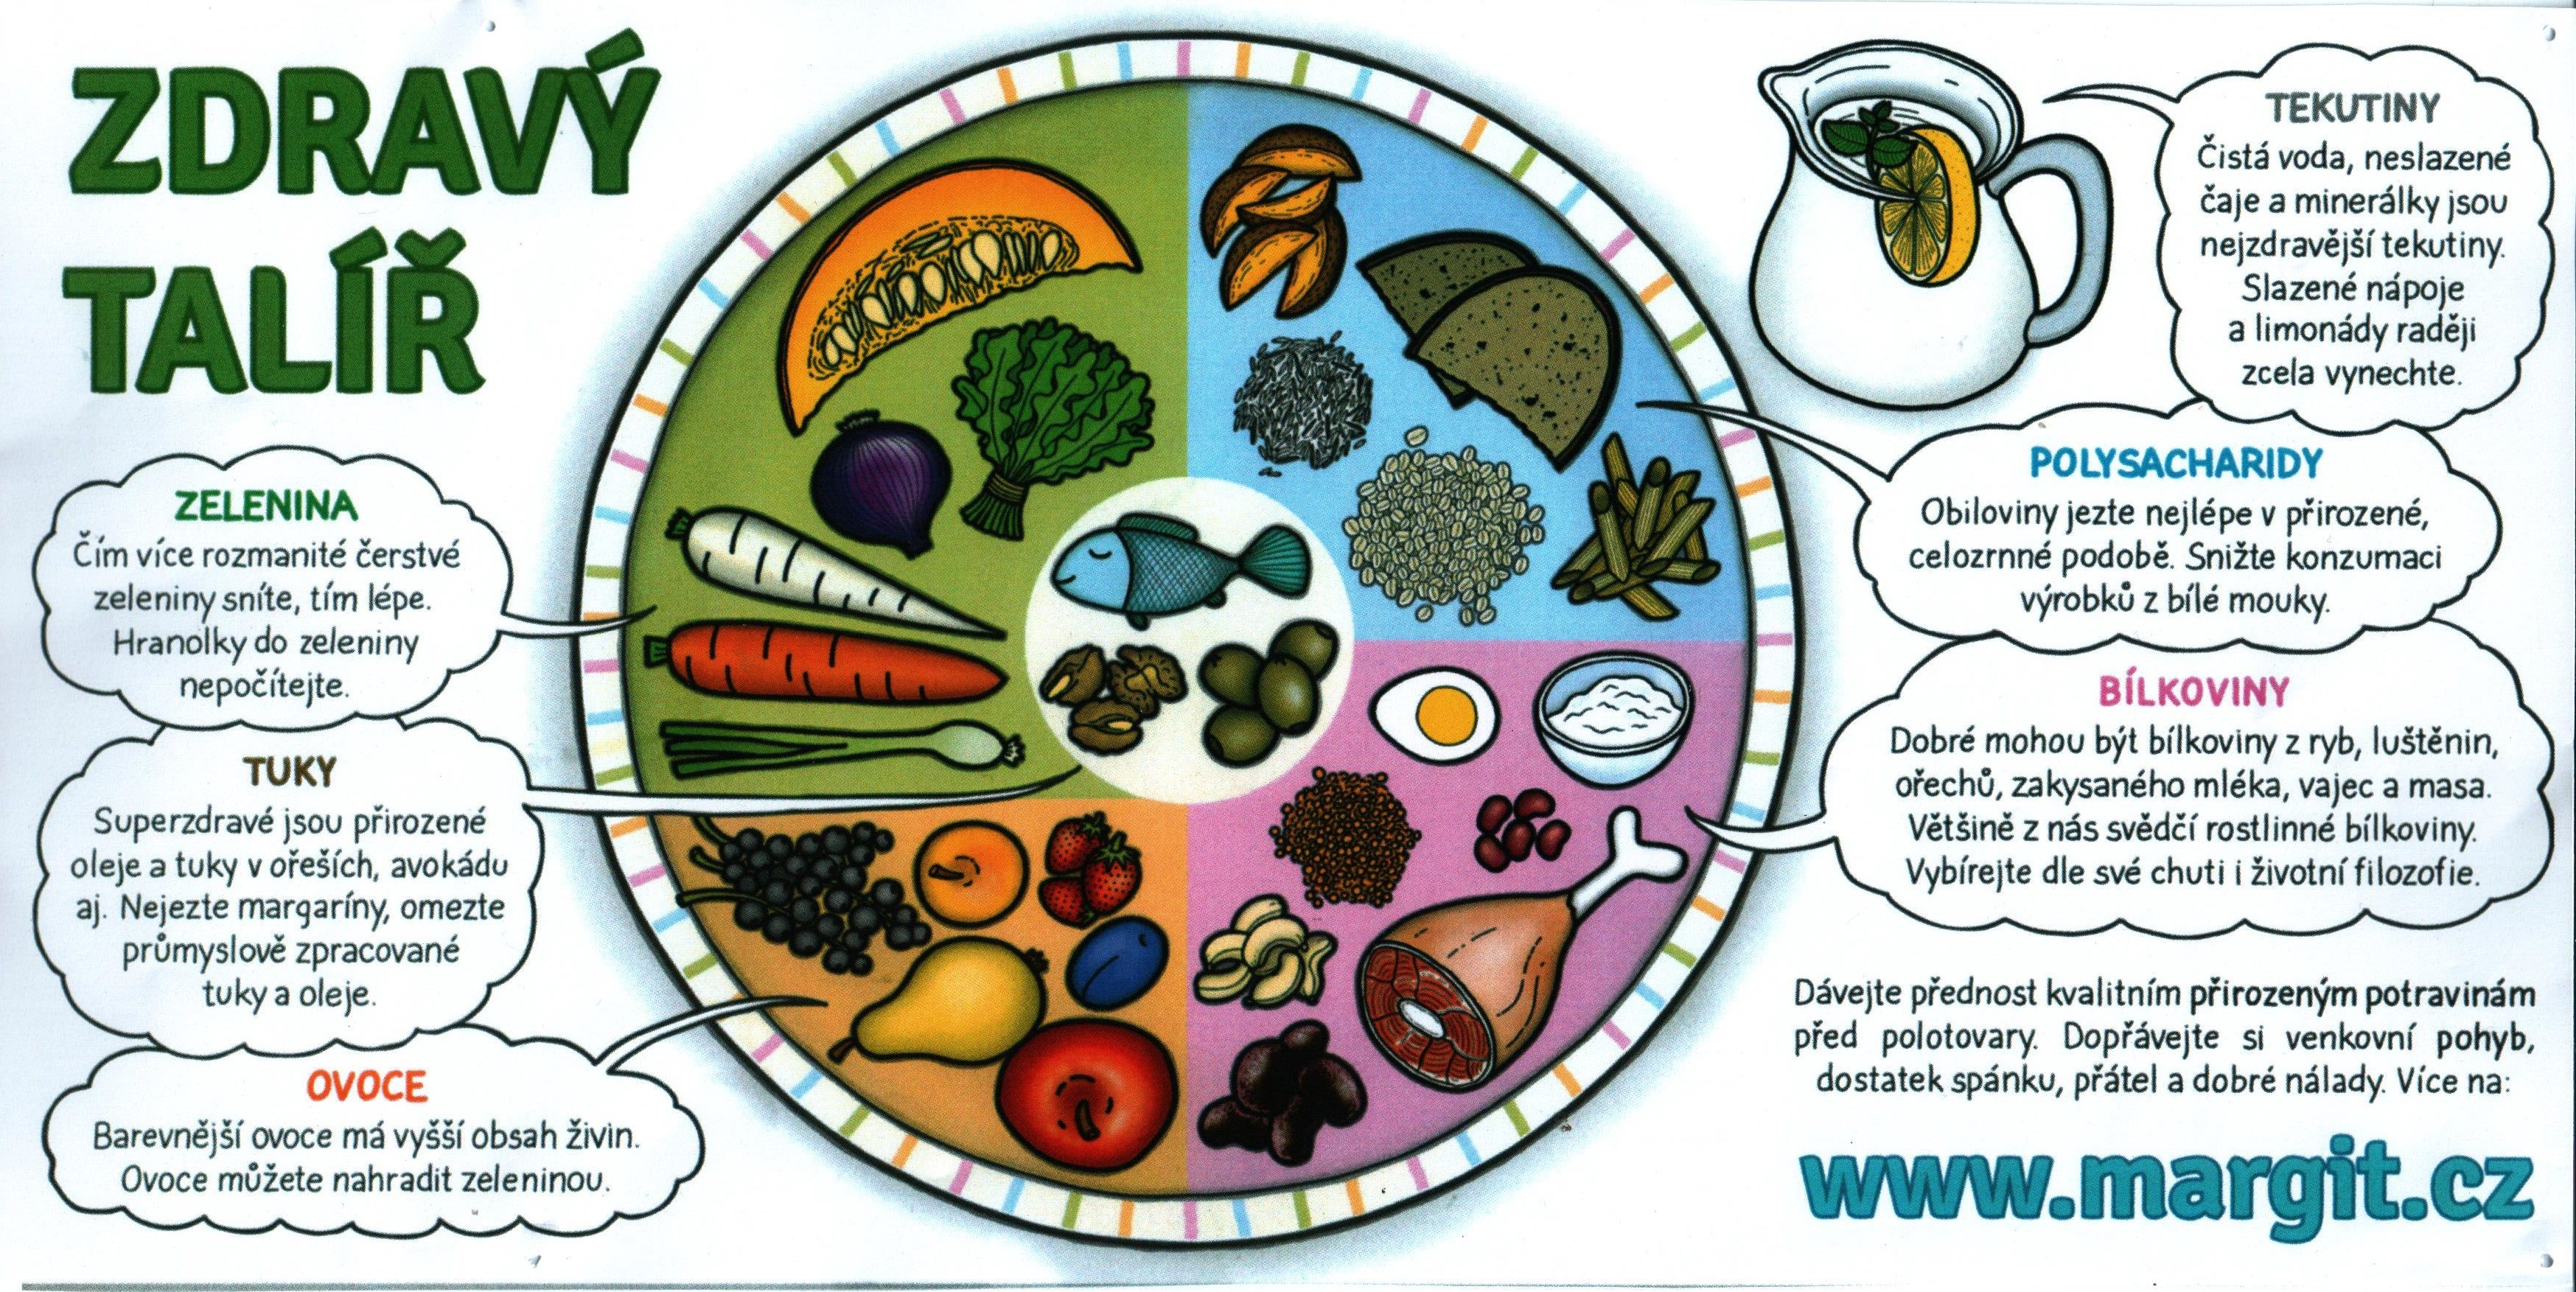 Výsledek obrázku pro zdravý talíř